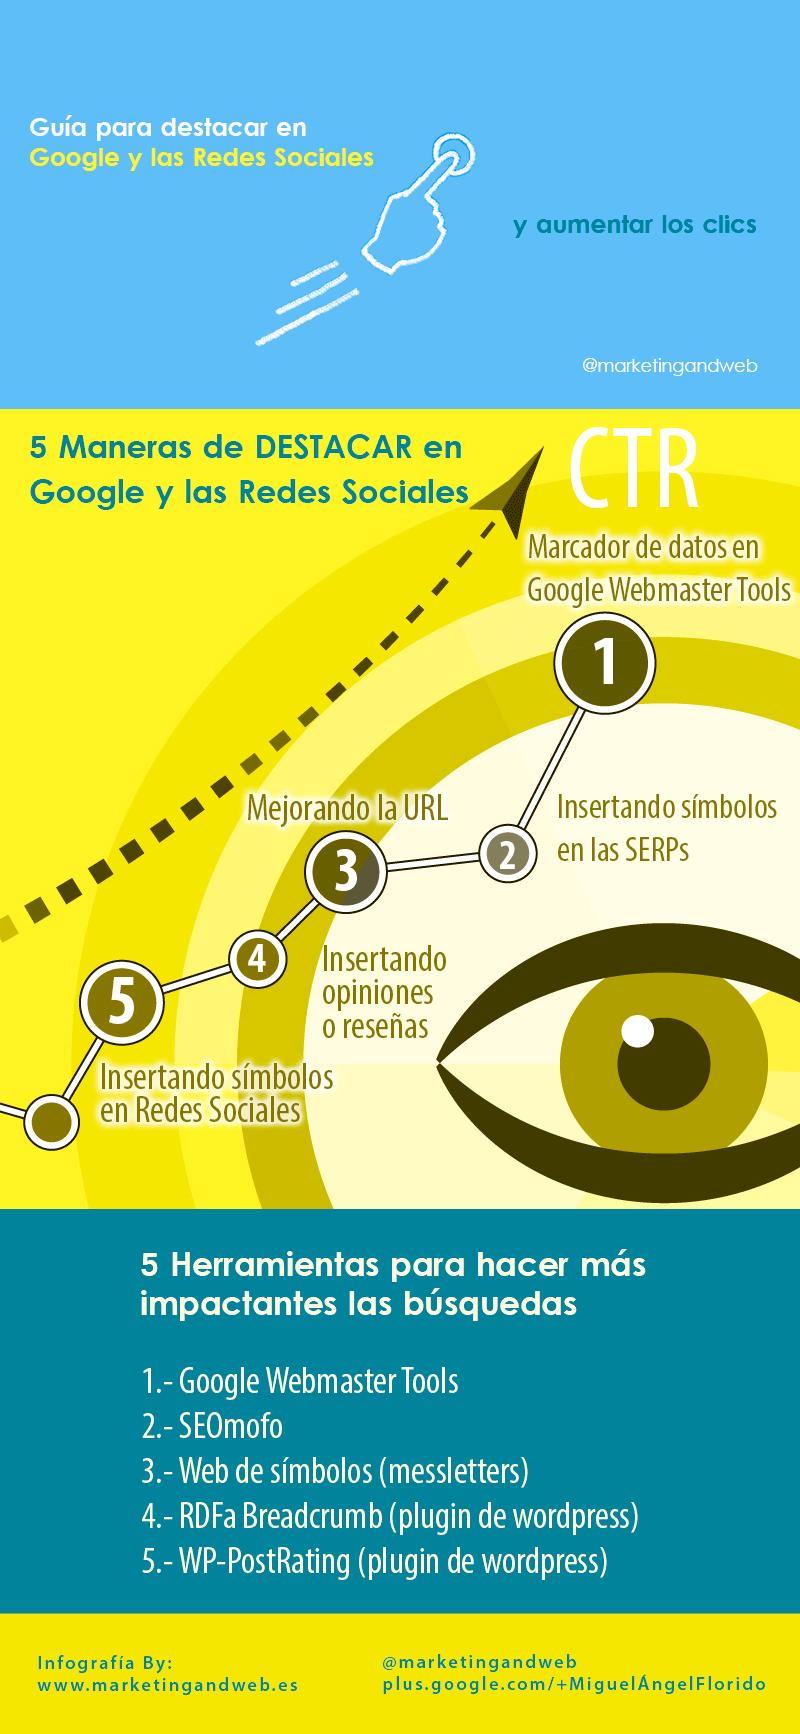 Negocios con Futuro Infografía de Miguel Ángel Florido de Marketing and Web